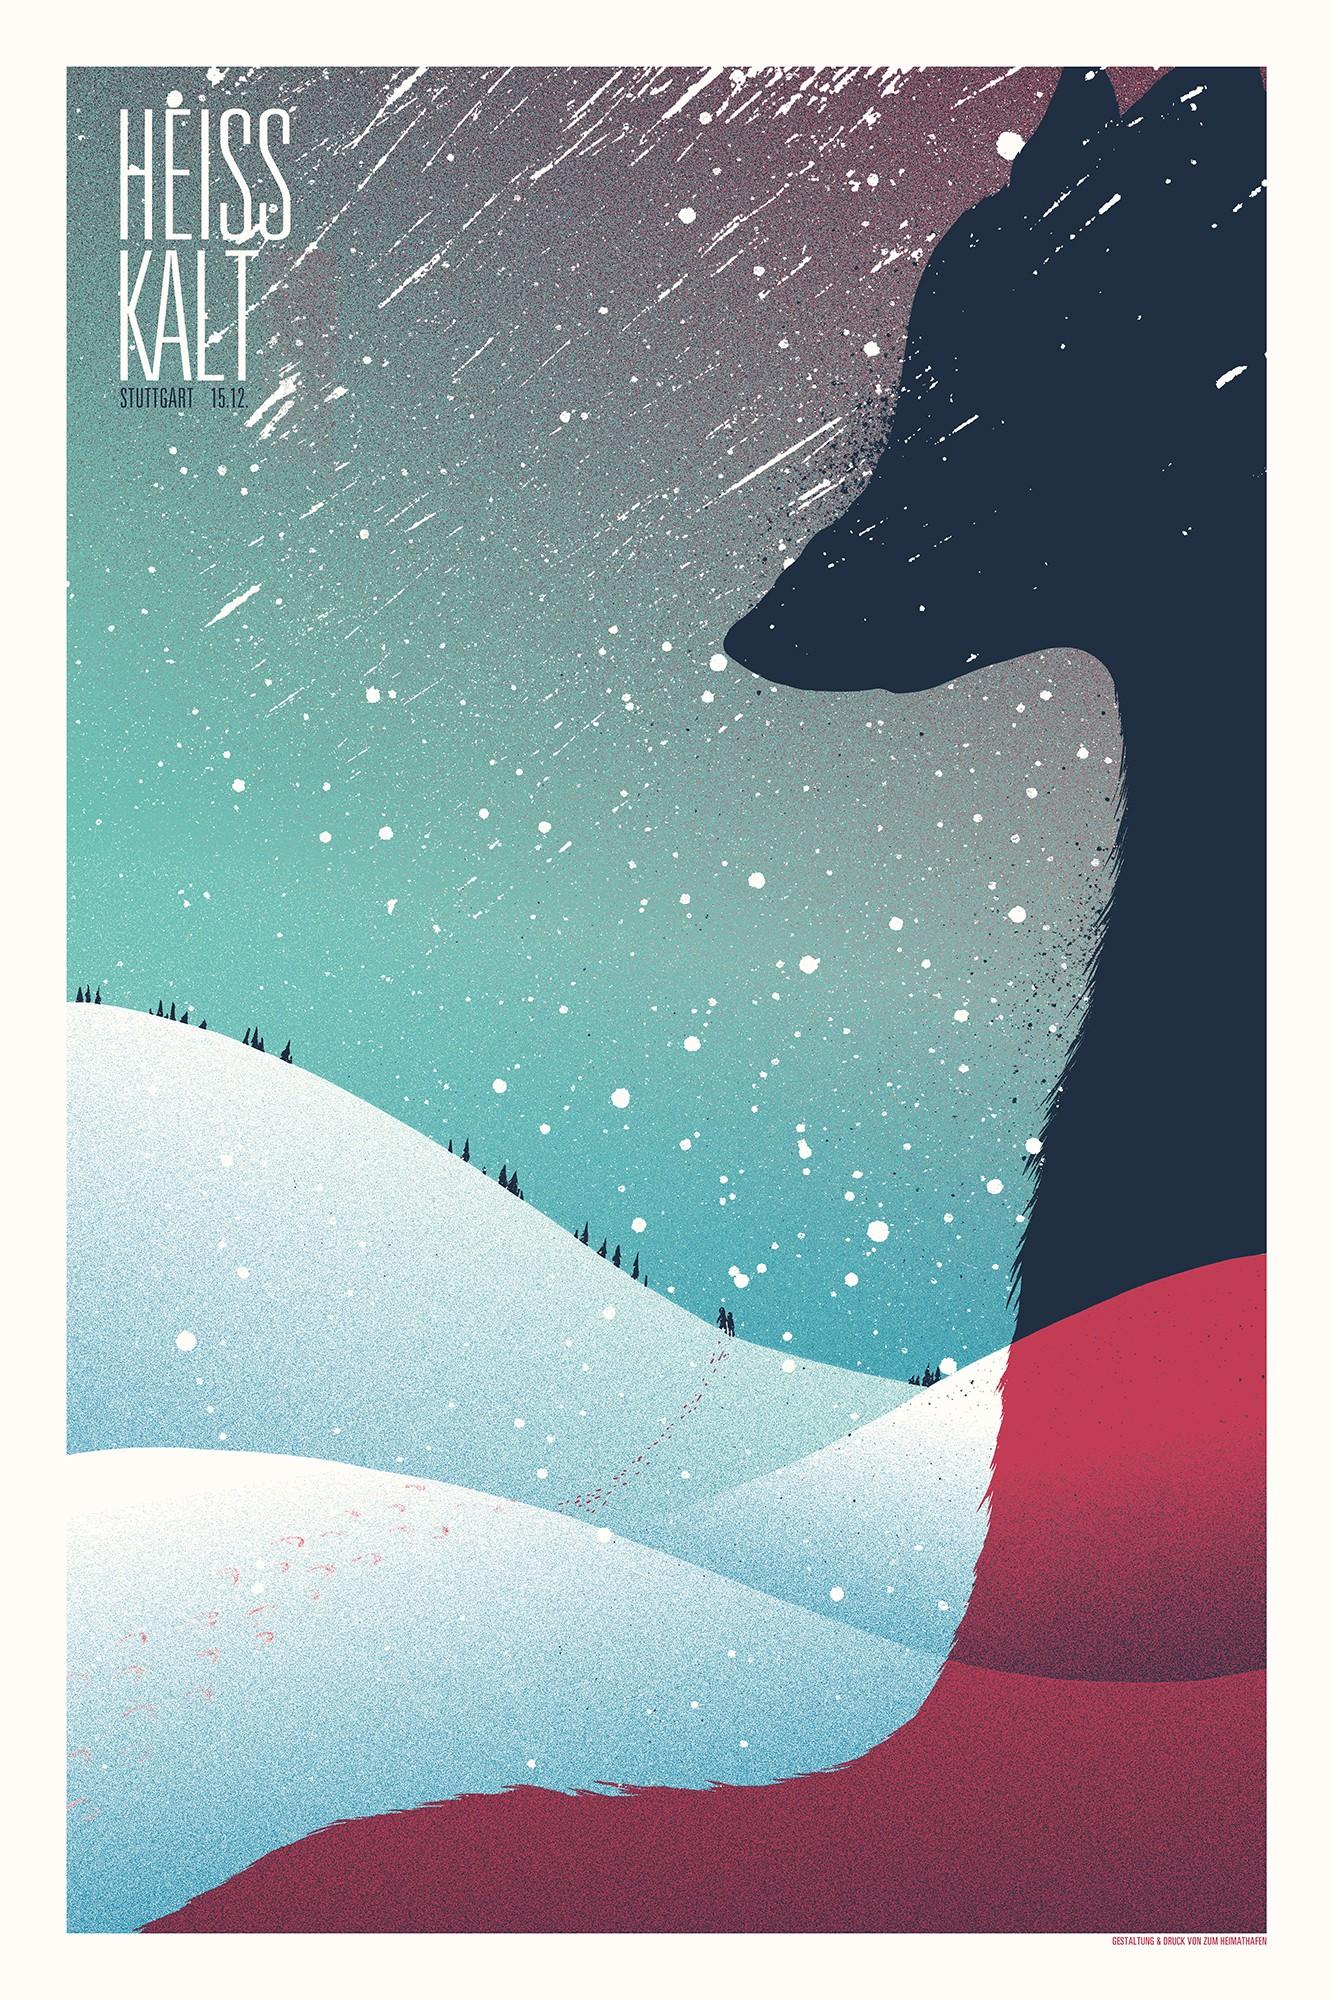 Siebdruckposter - Jahresabschluss 2017 (Secret Gig)